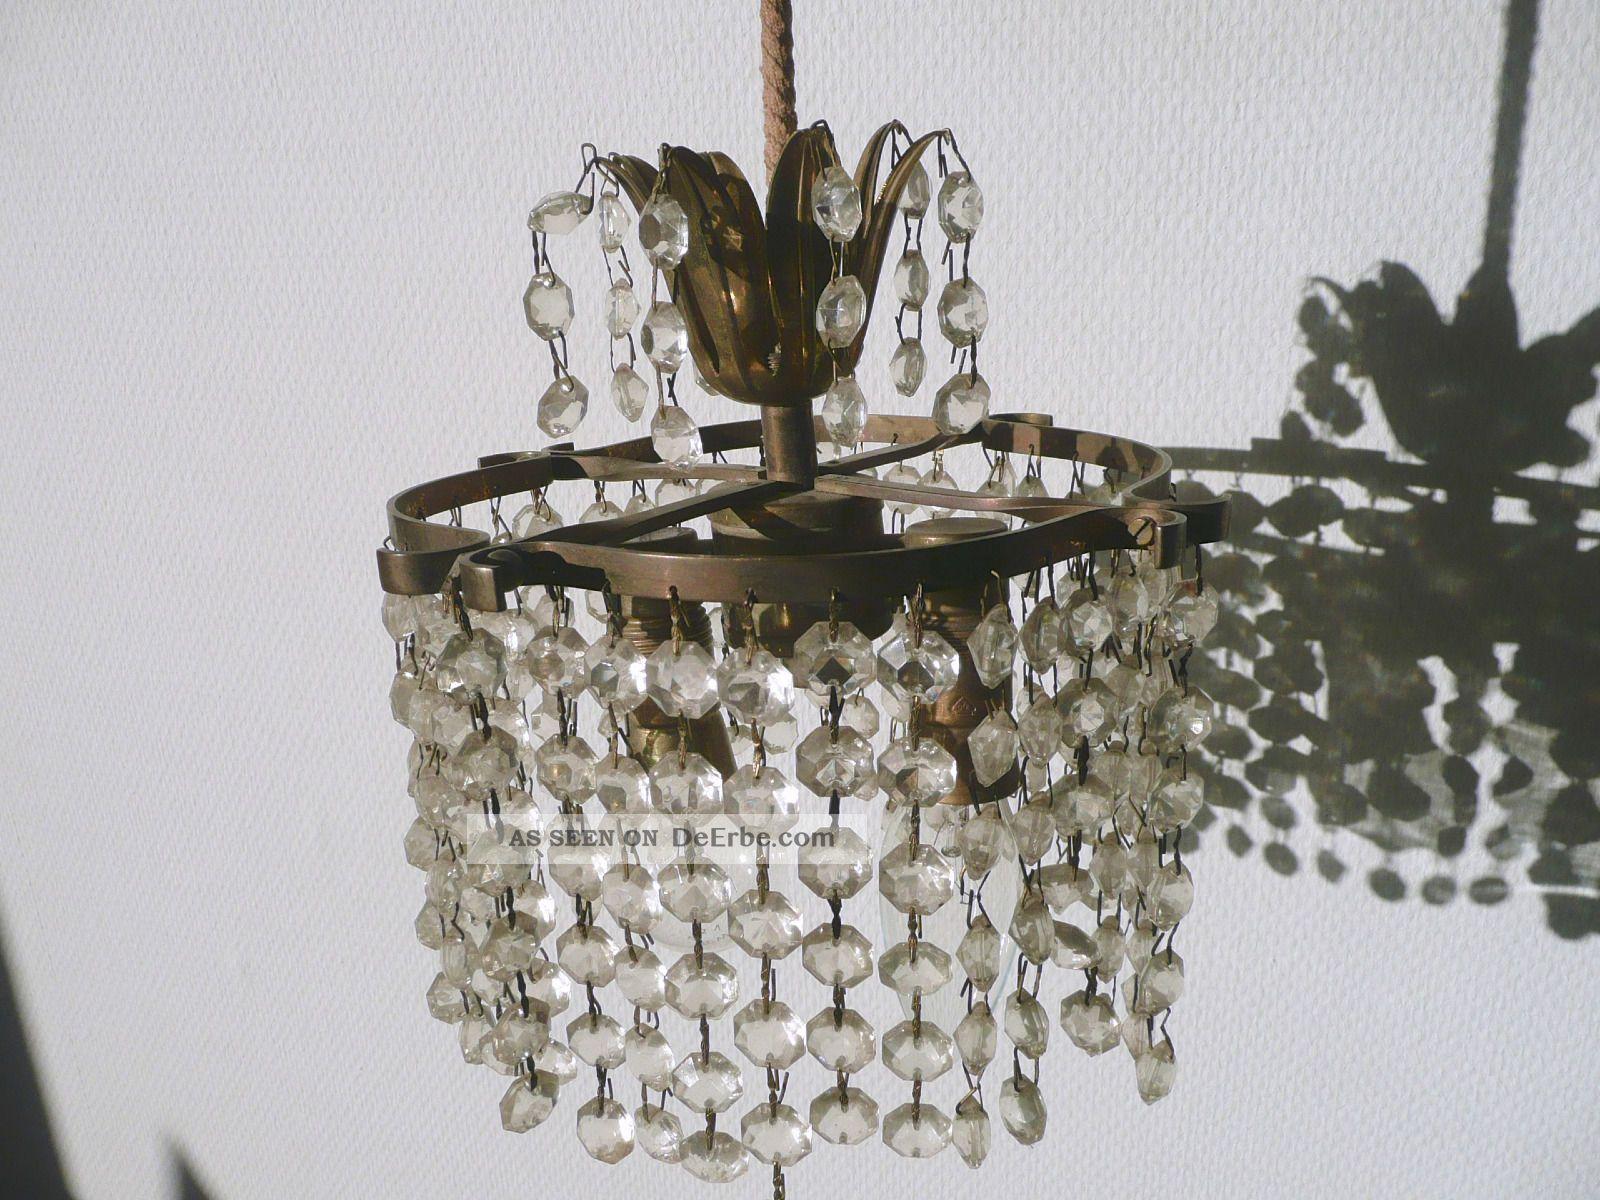 Kronleuchter Mit Glasschirm ~ Antike messing glas kristall kronleuchter lüster flammig wow